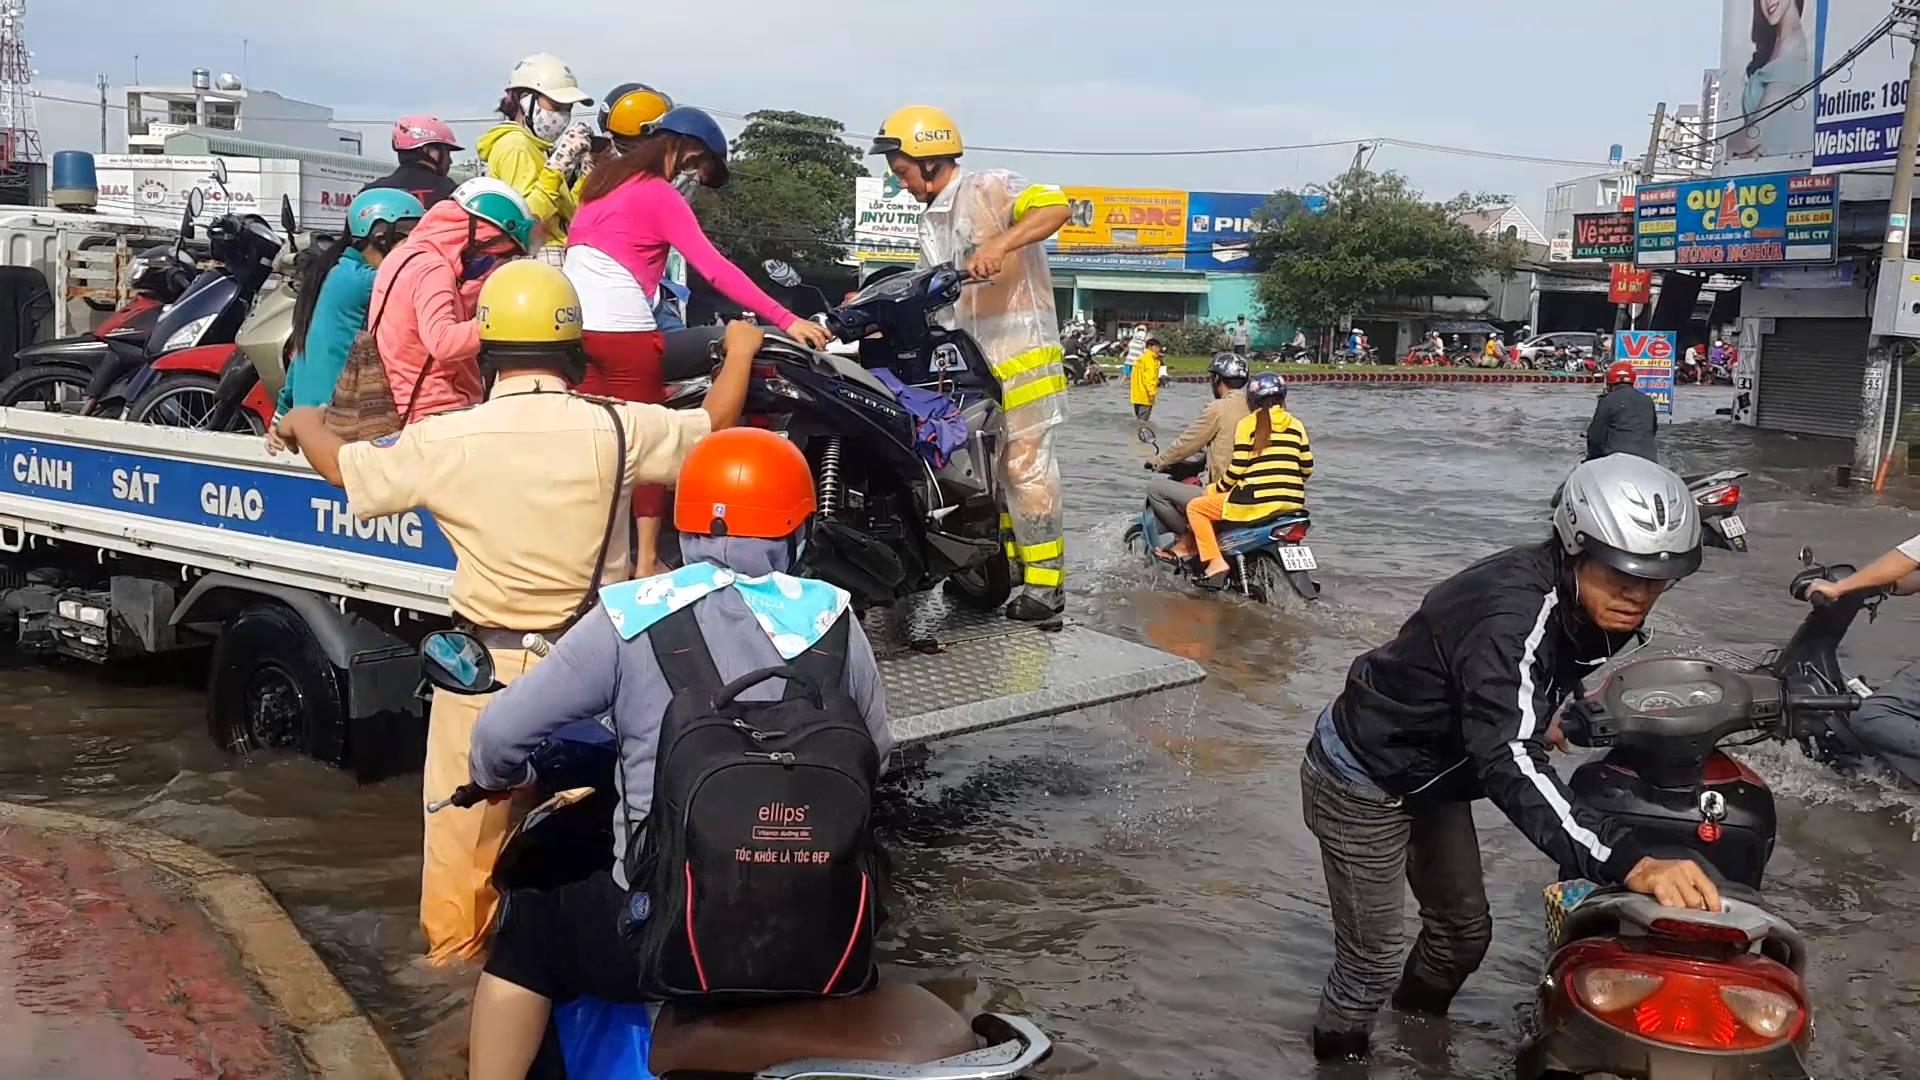 Hình ảnh đẹp: CSGT điều xe công vụ chở xe chết máy giúp người dân thoát khỏi đường ngập ở Sài Gòn - Ảnh 4.